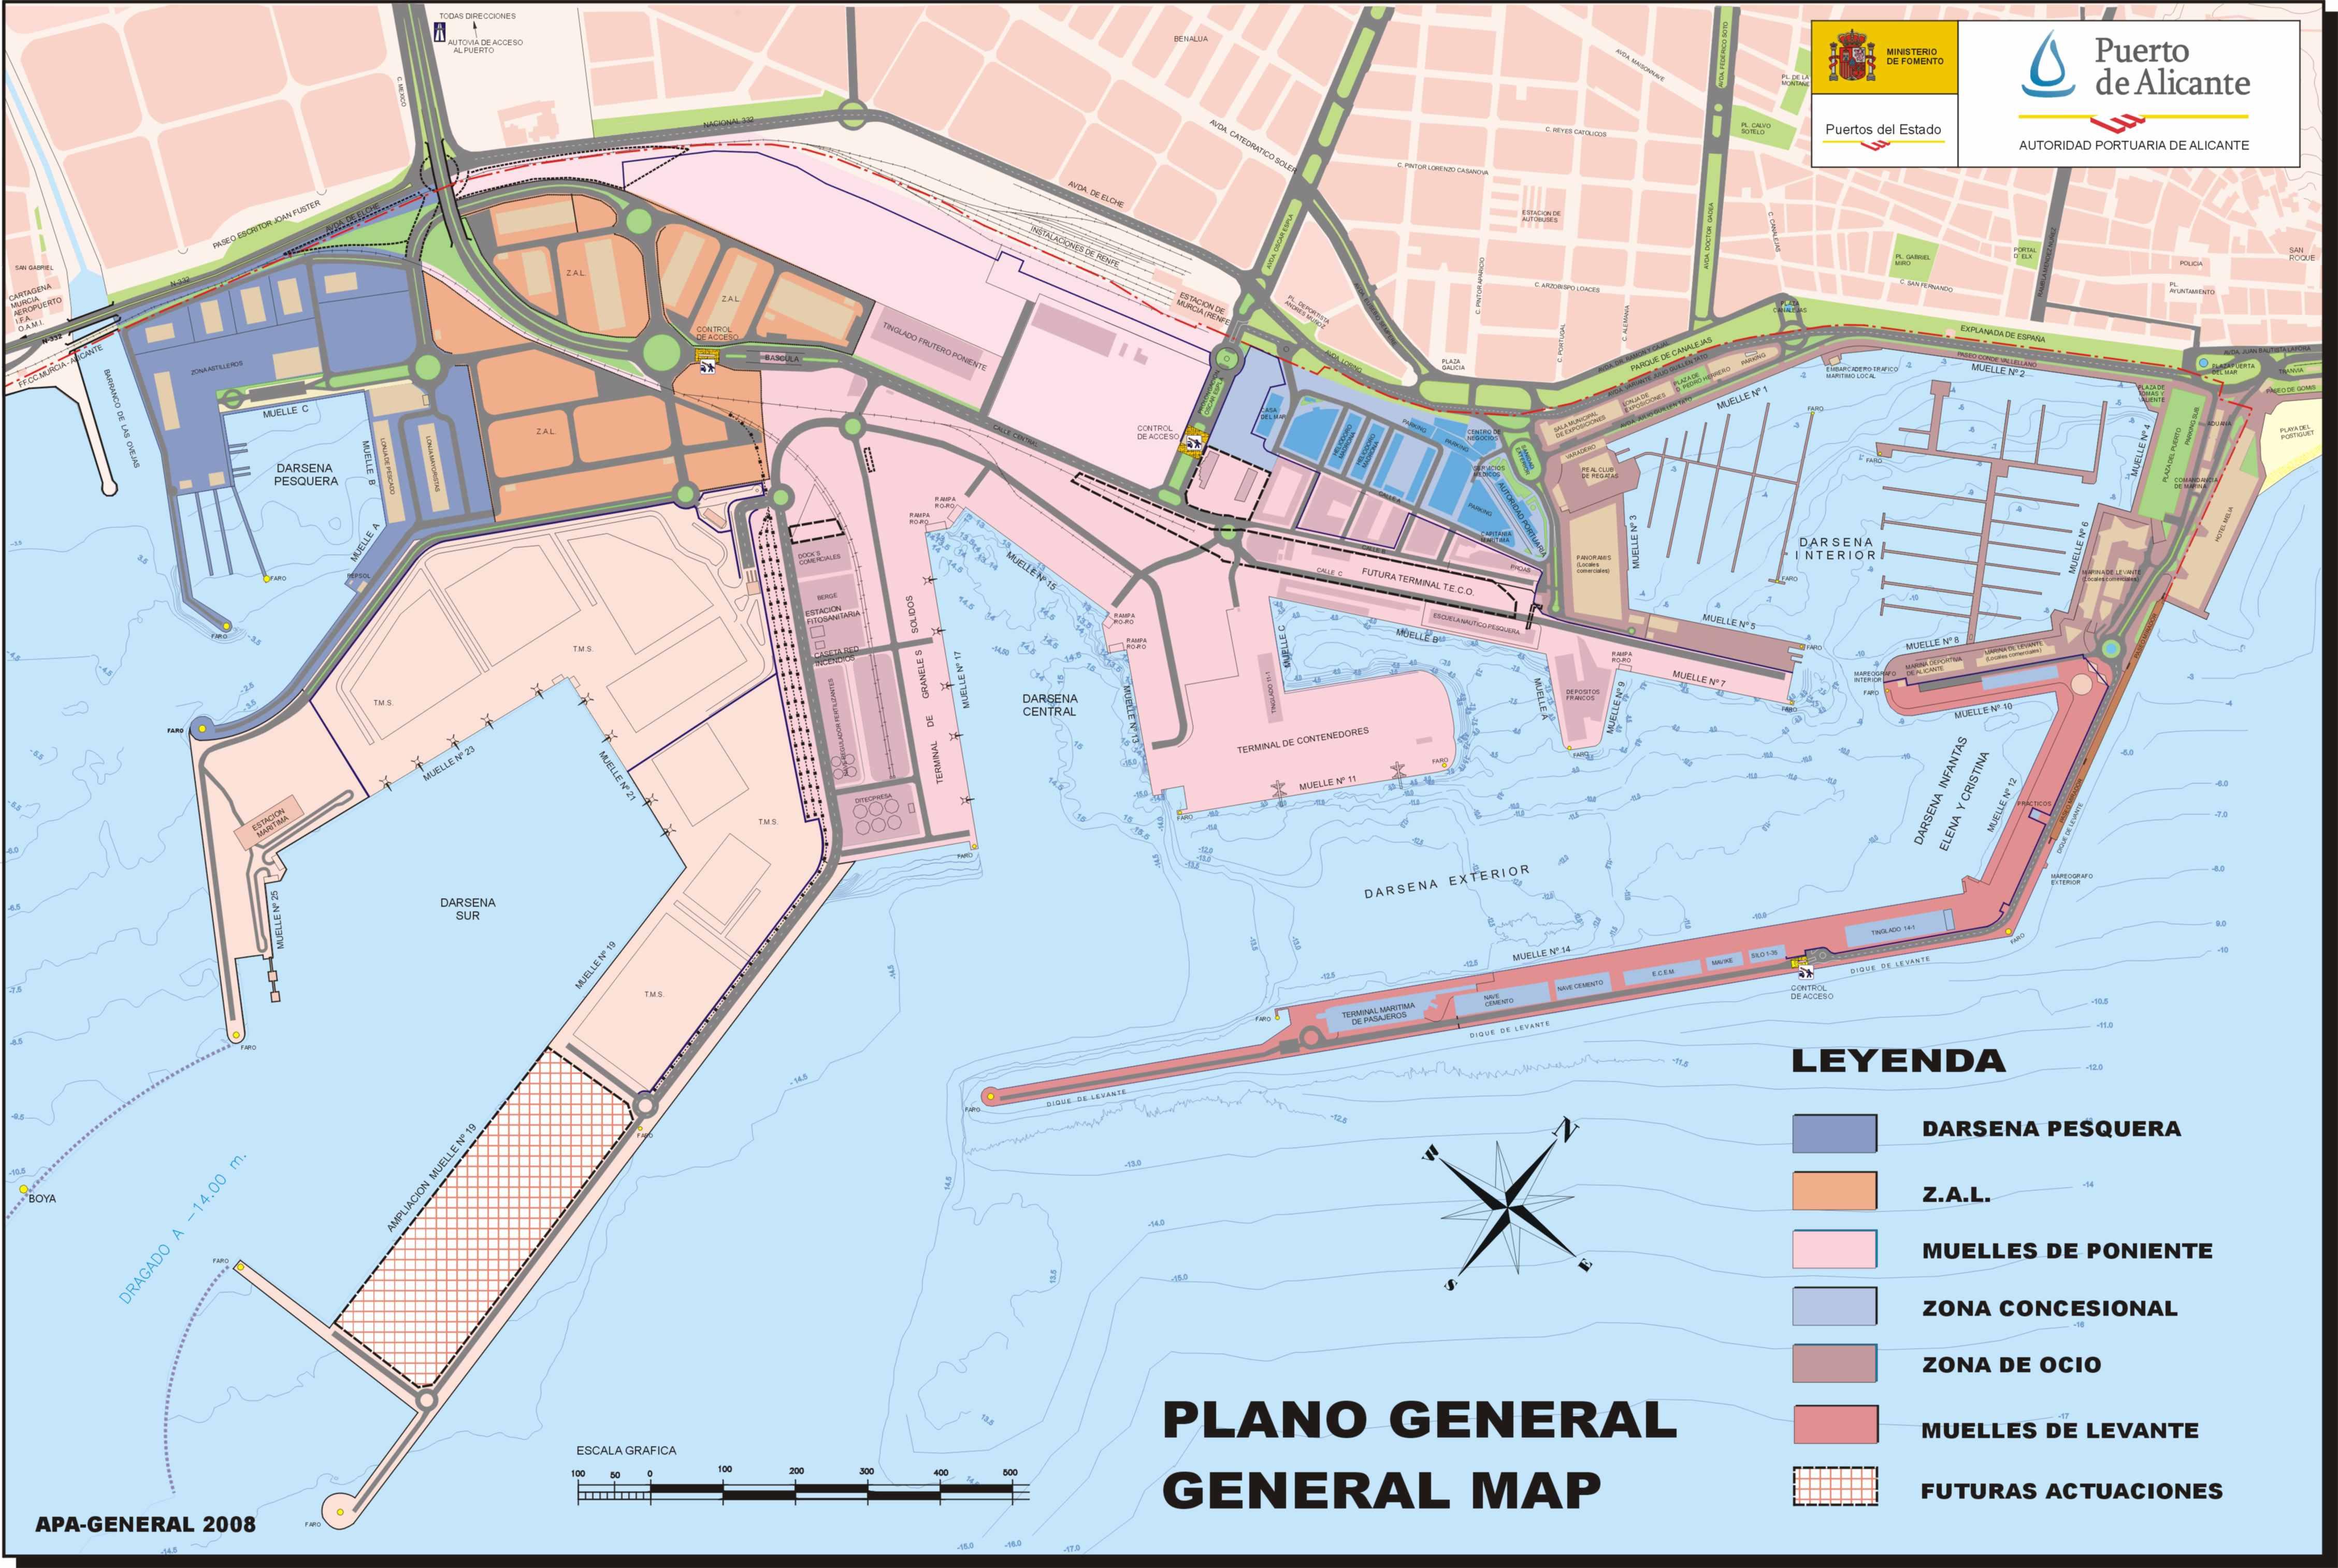 Alicante port map 2008